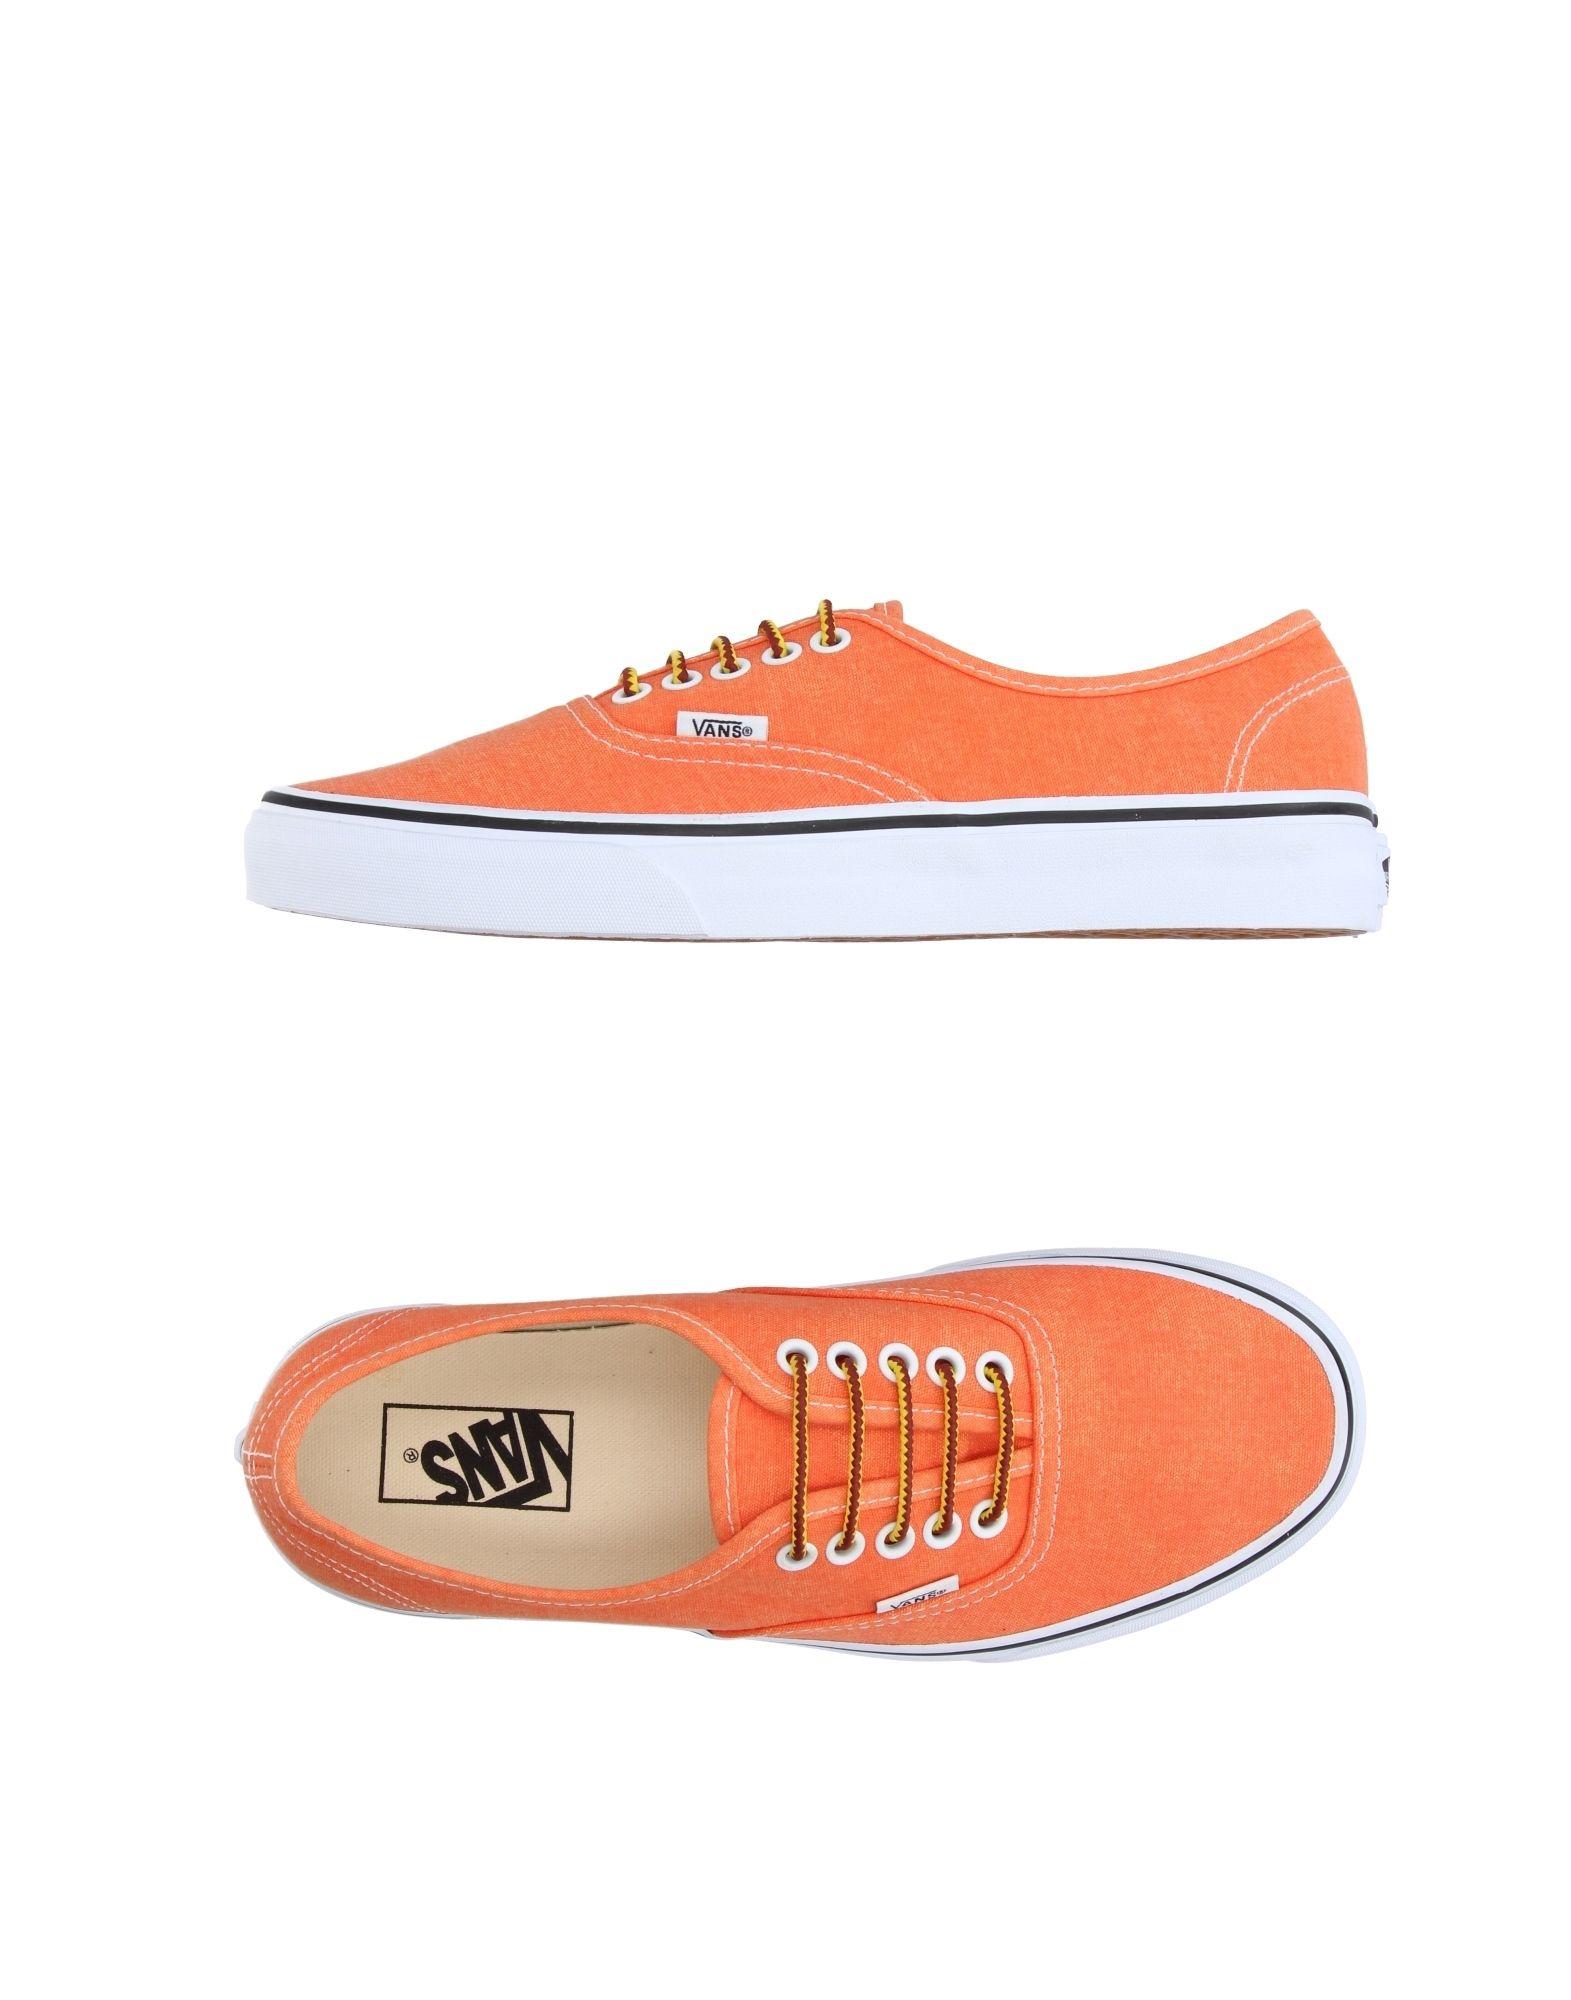 11186959CQ Vans Sneakers Herren  11186959CQ  Heiße Schuhe c88a77